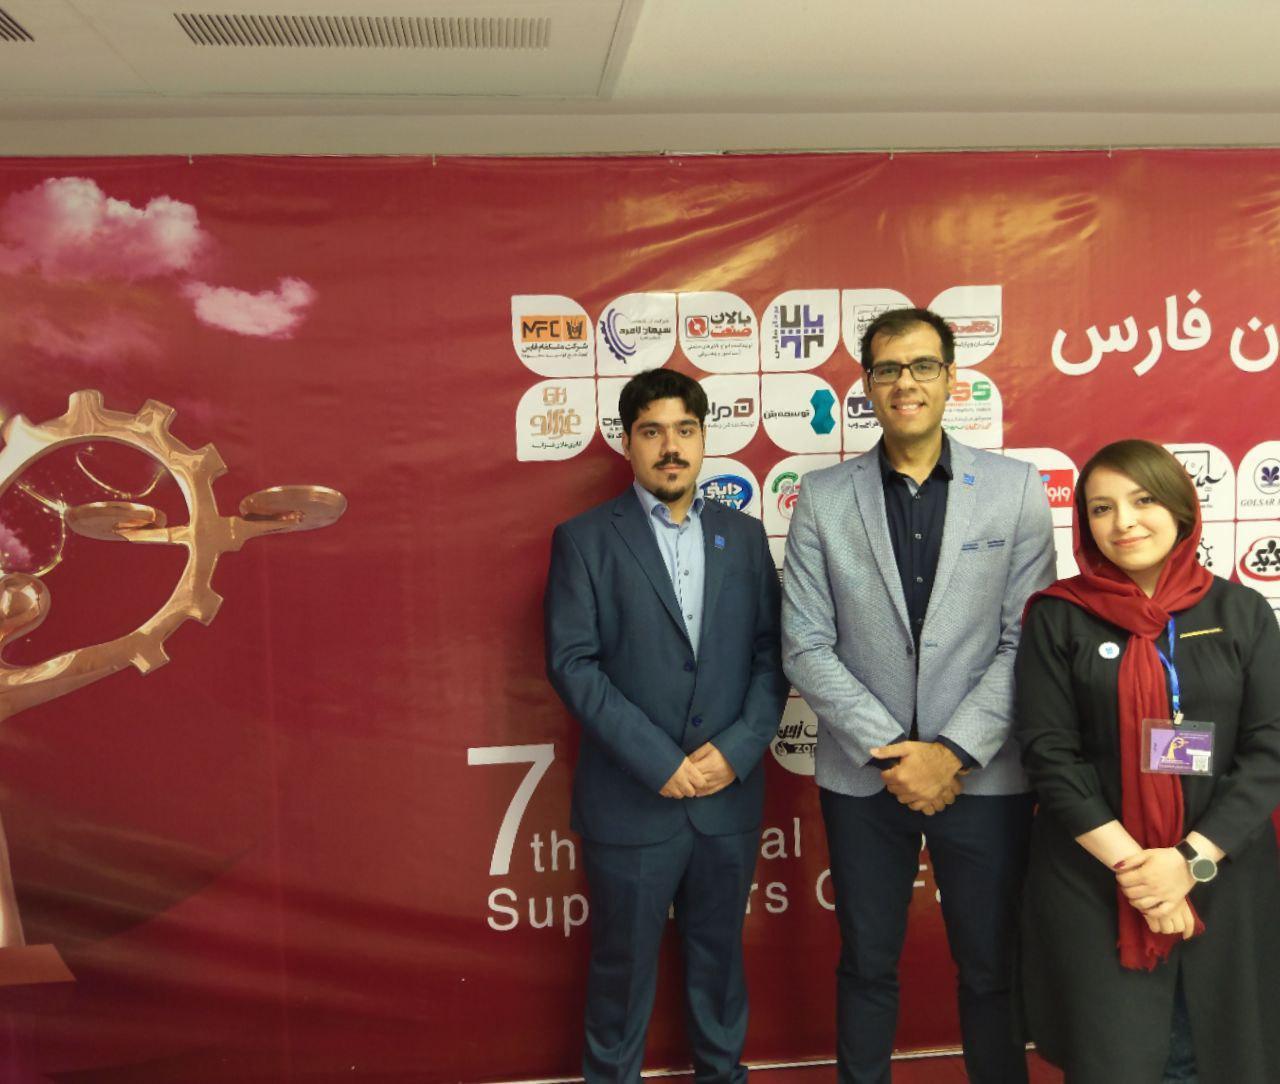 photo ۲۰۱۸ ۰۳ ۰۷ ۲۰ ۲۲ ۱۸ - تقدیر از اپساز در هفتمین جشنواره حامیان حقوق مصرف کنندگان فارس